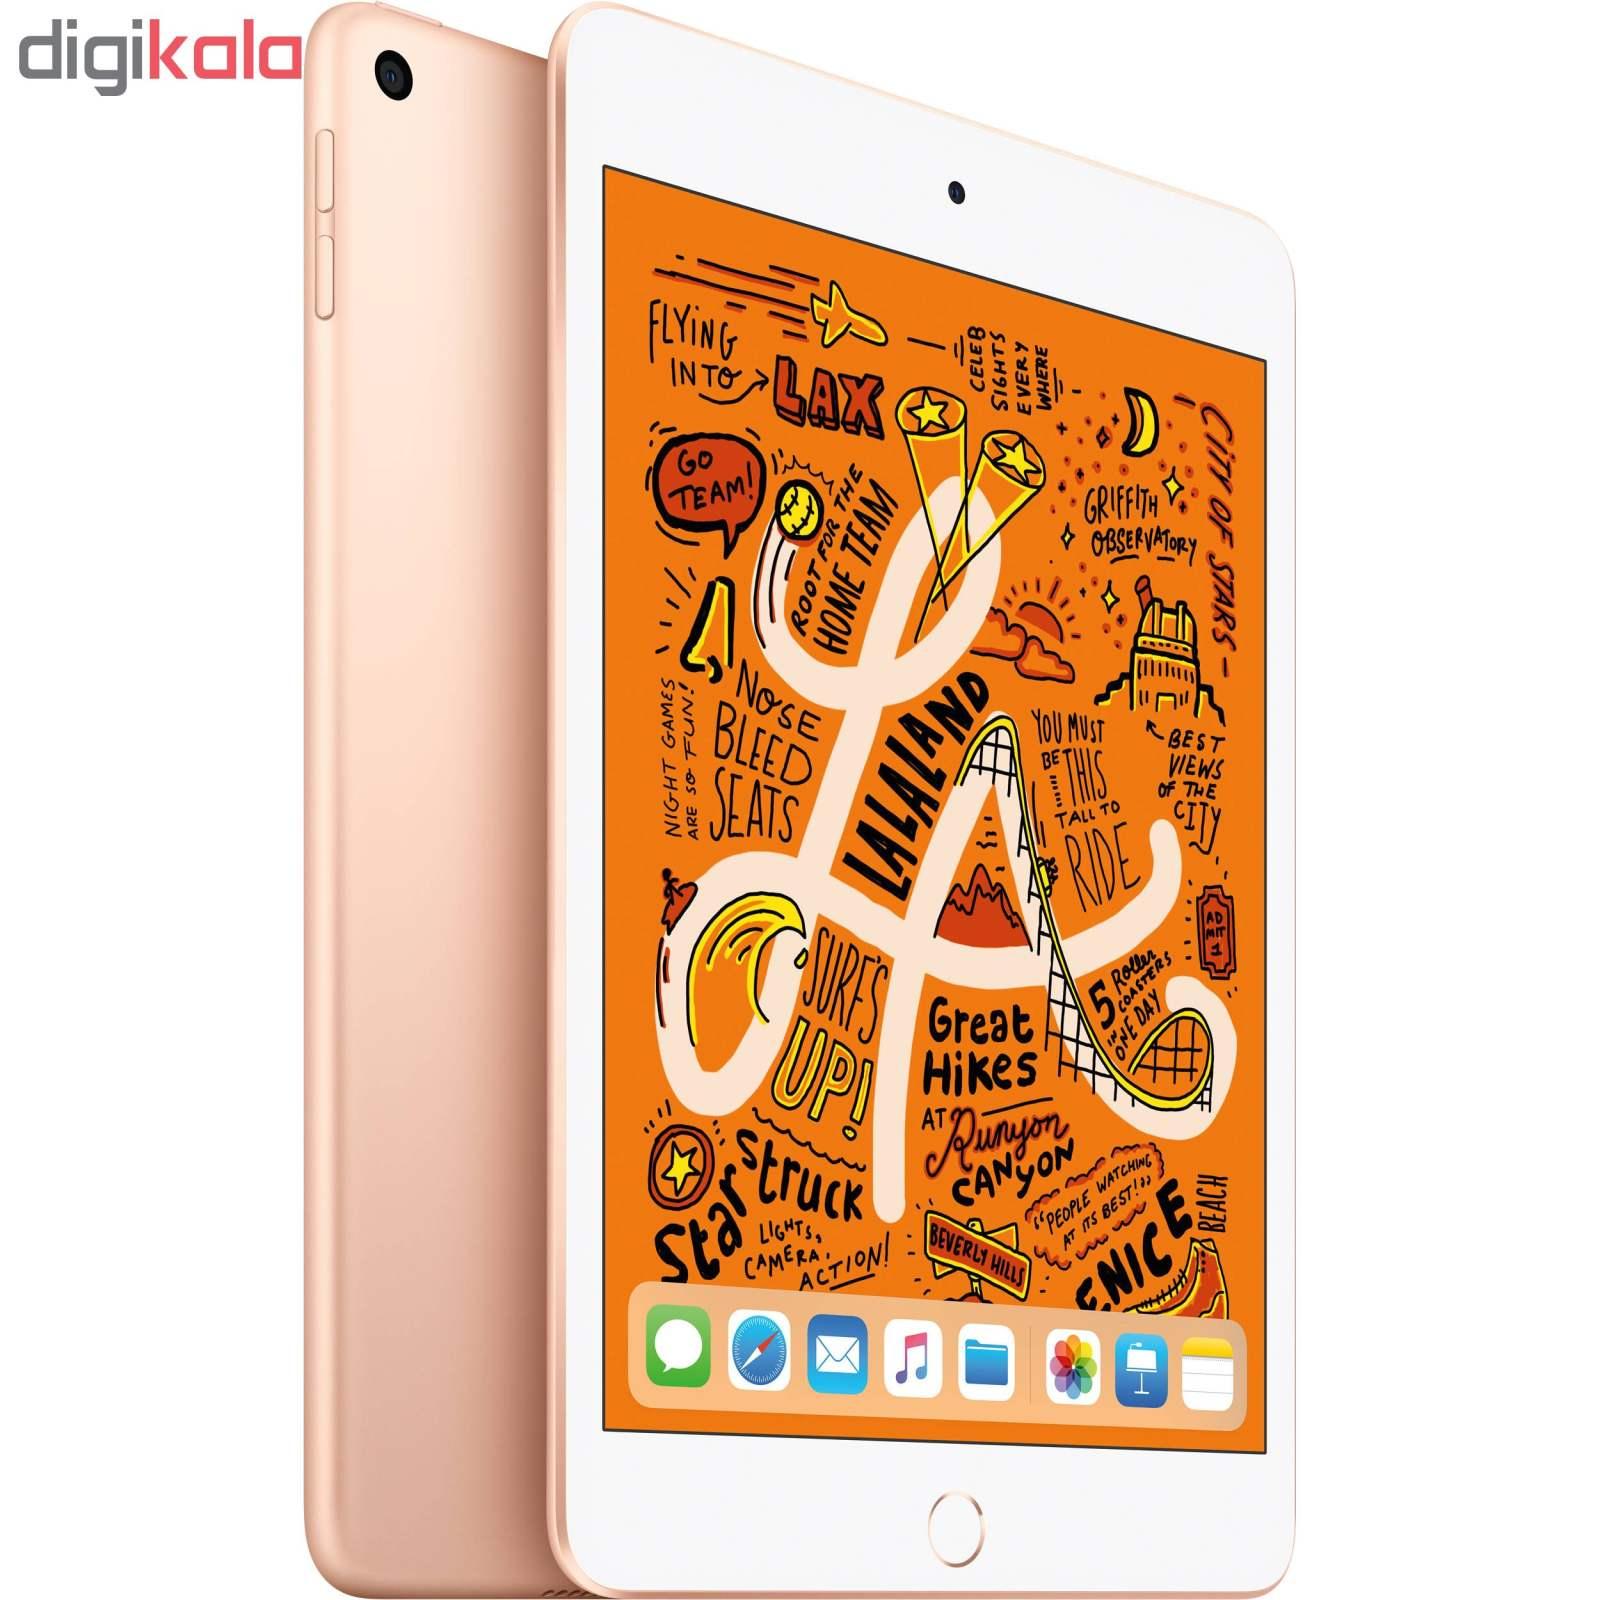 تبلت اپل مدل iPad Mini 5 2019 7.9 inch WiFi ظرفیت 256 گیگابایت main 1 3